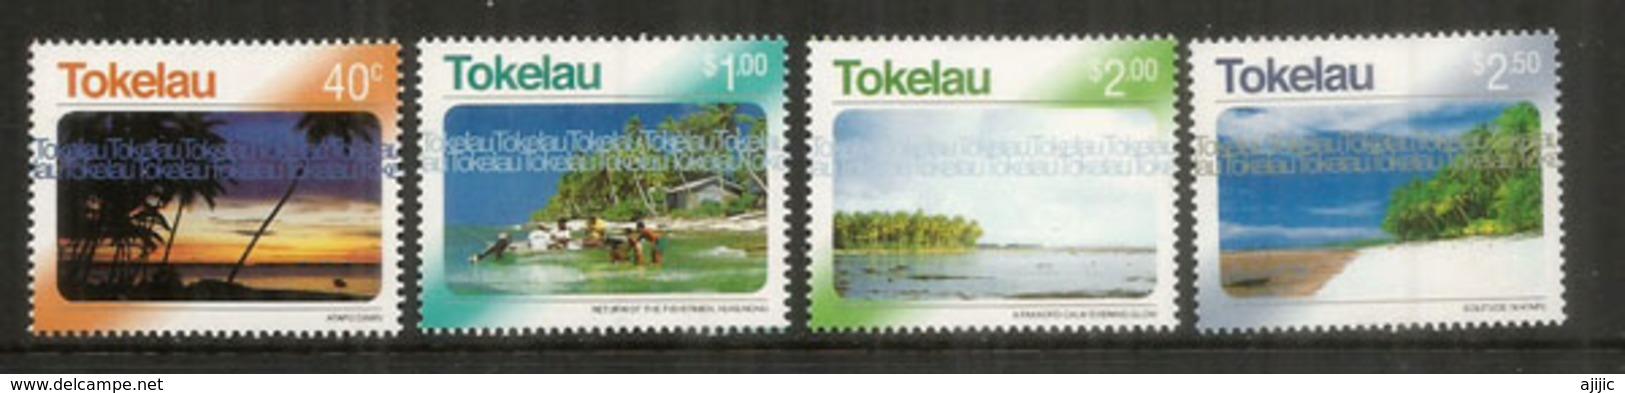 Paysages De Tokelau Islands,Tropical Coral Atolls. Océan Pacifique. 4 Timbres Neufs ** Année 2004 (hautes Faciales) - Tokelau